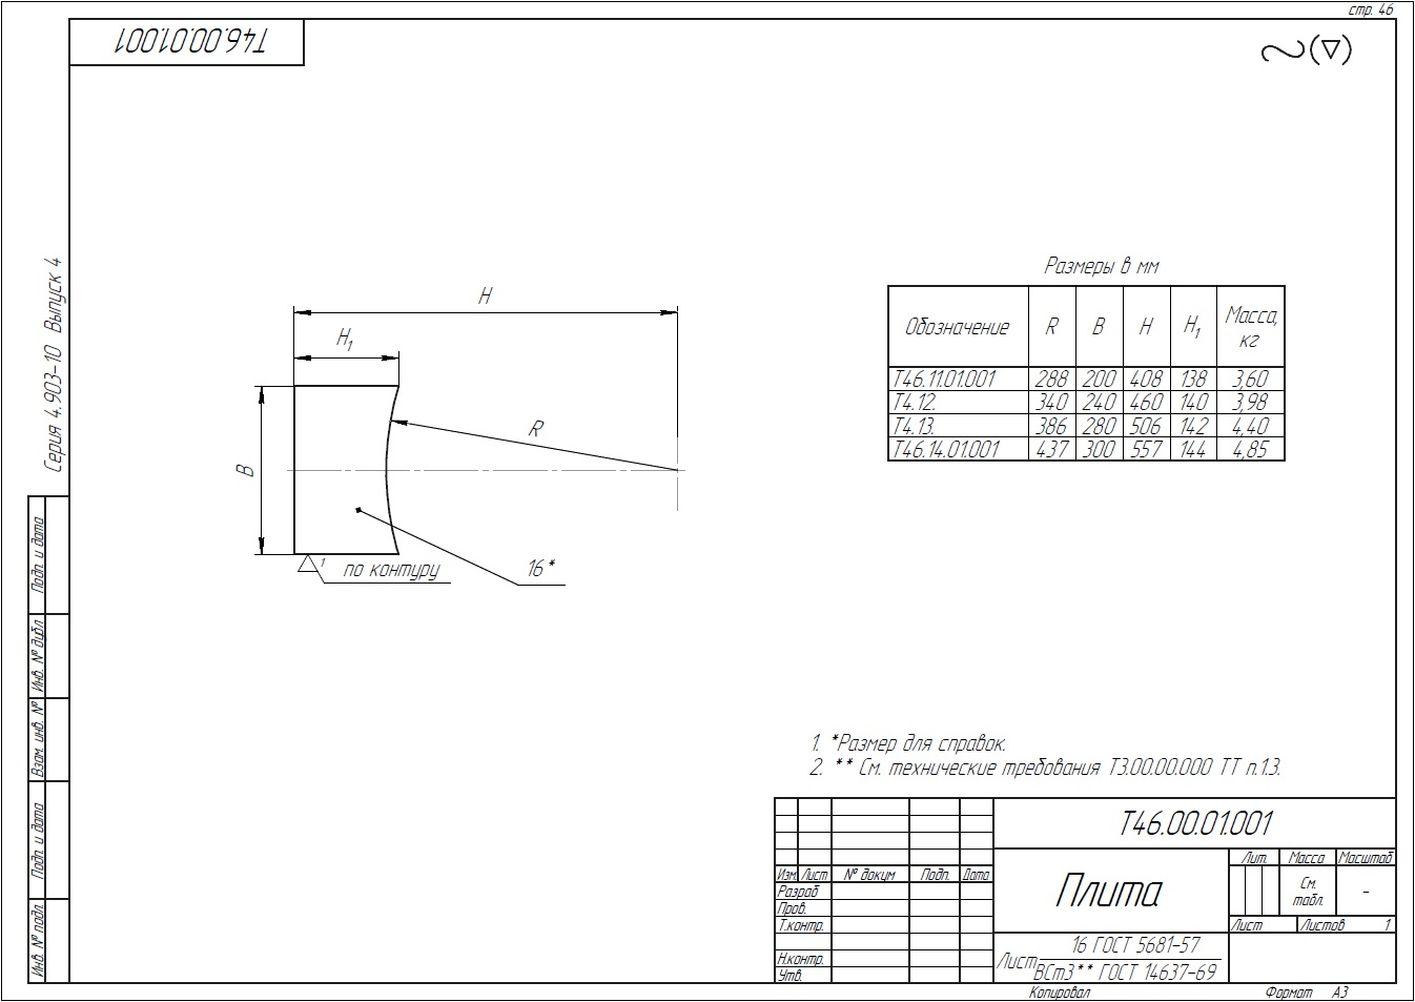 Опора неподвижная лобовая Т46 серия 4.903-10 вып.4 стр.6